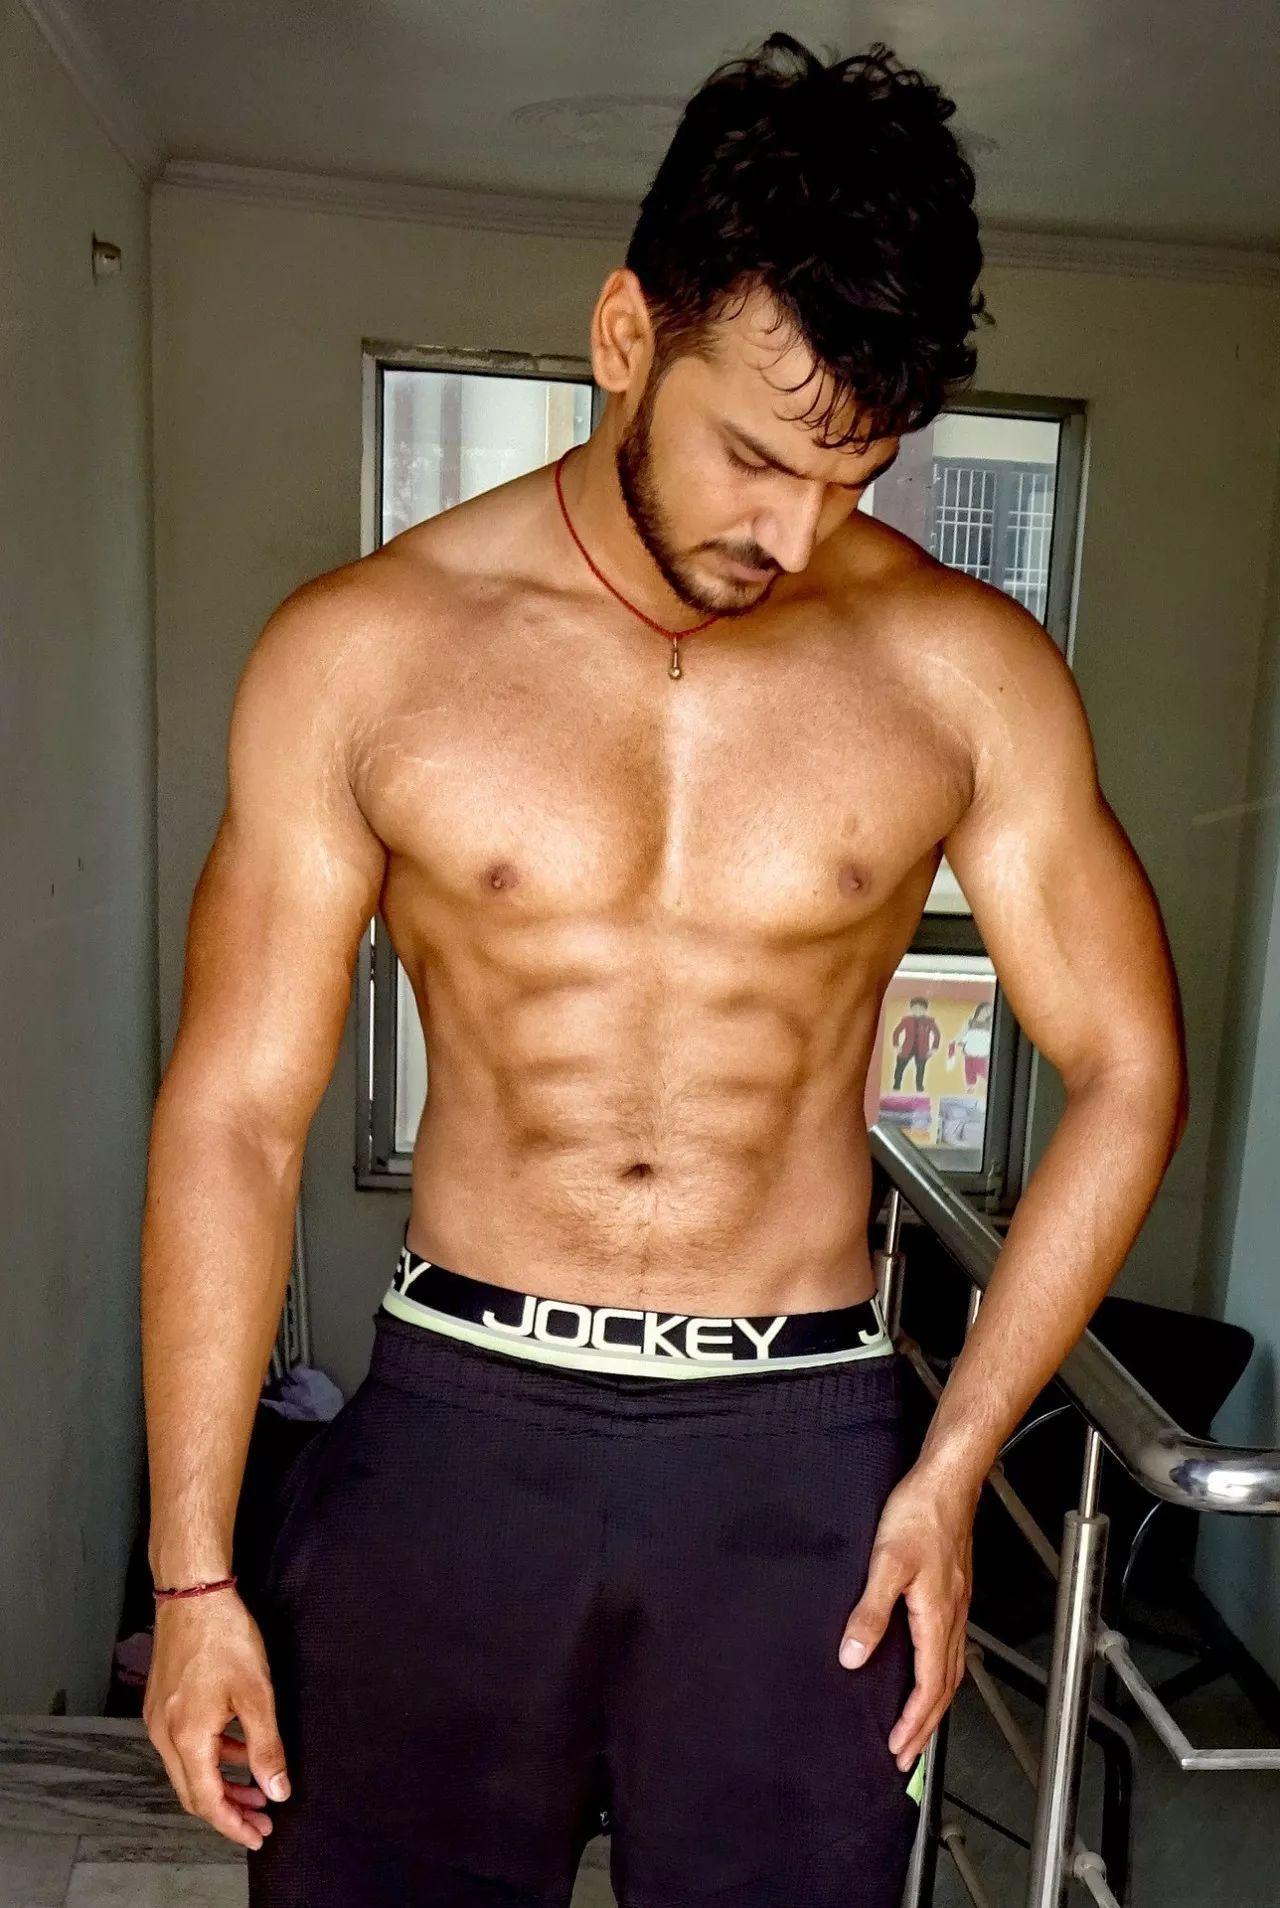 饱满的胸肌下缘要怎么练?